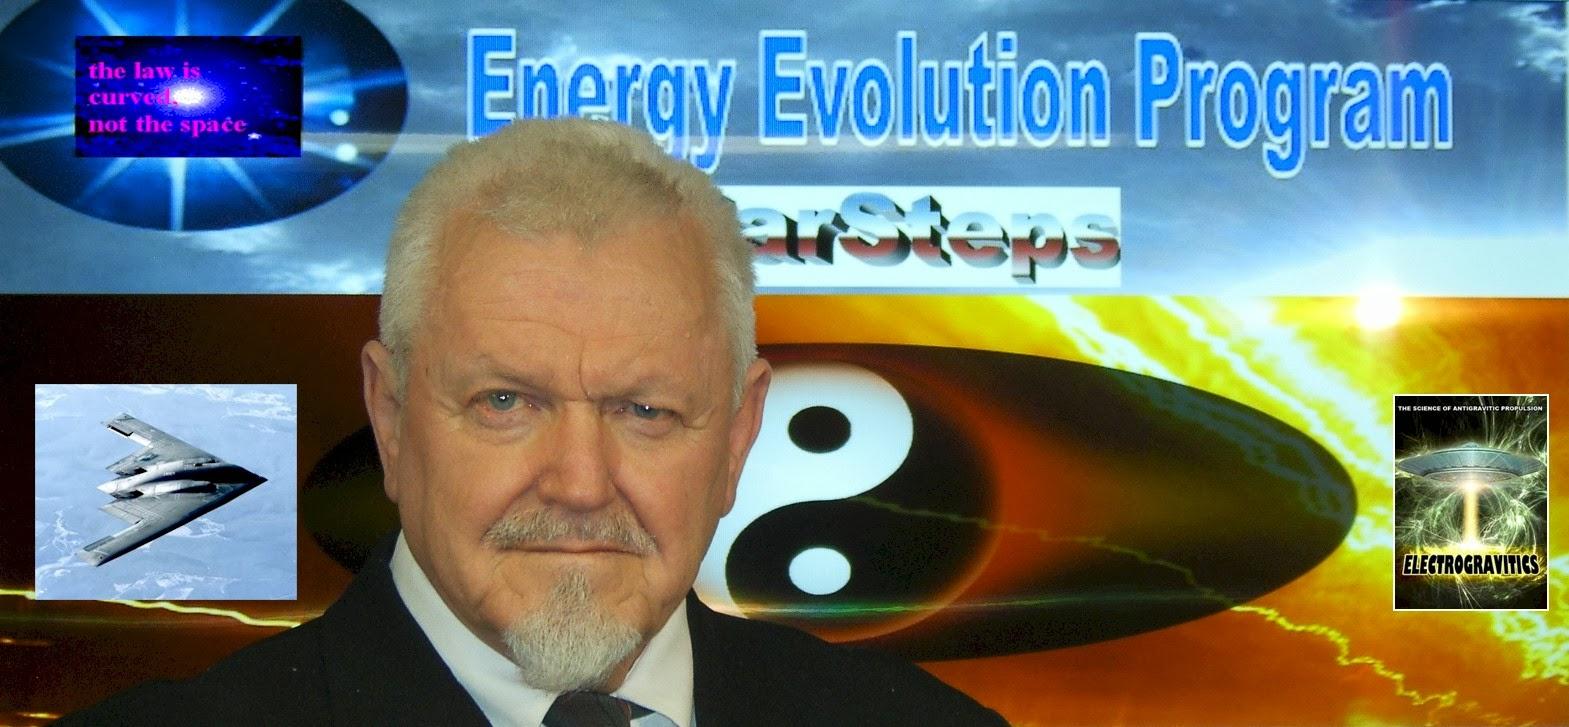 Energy Evolution Program